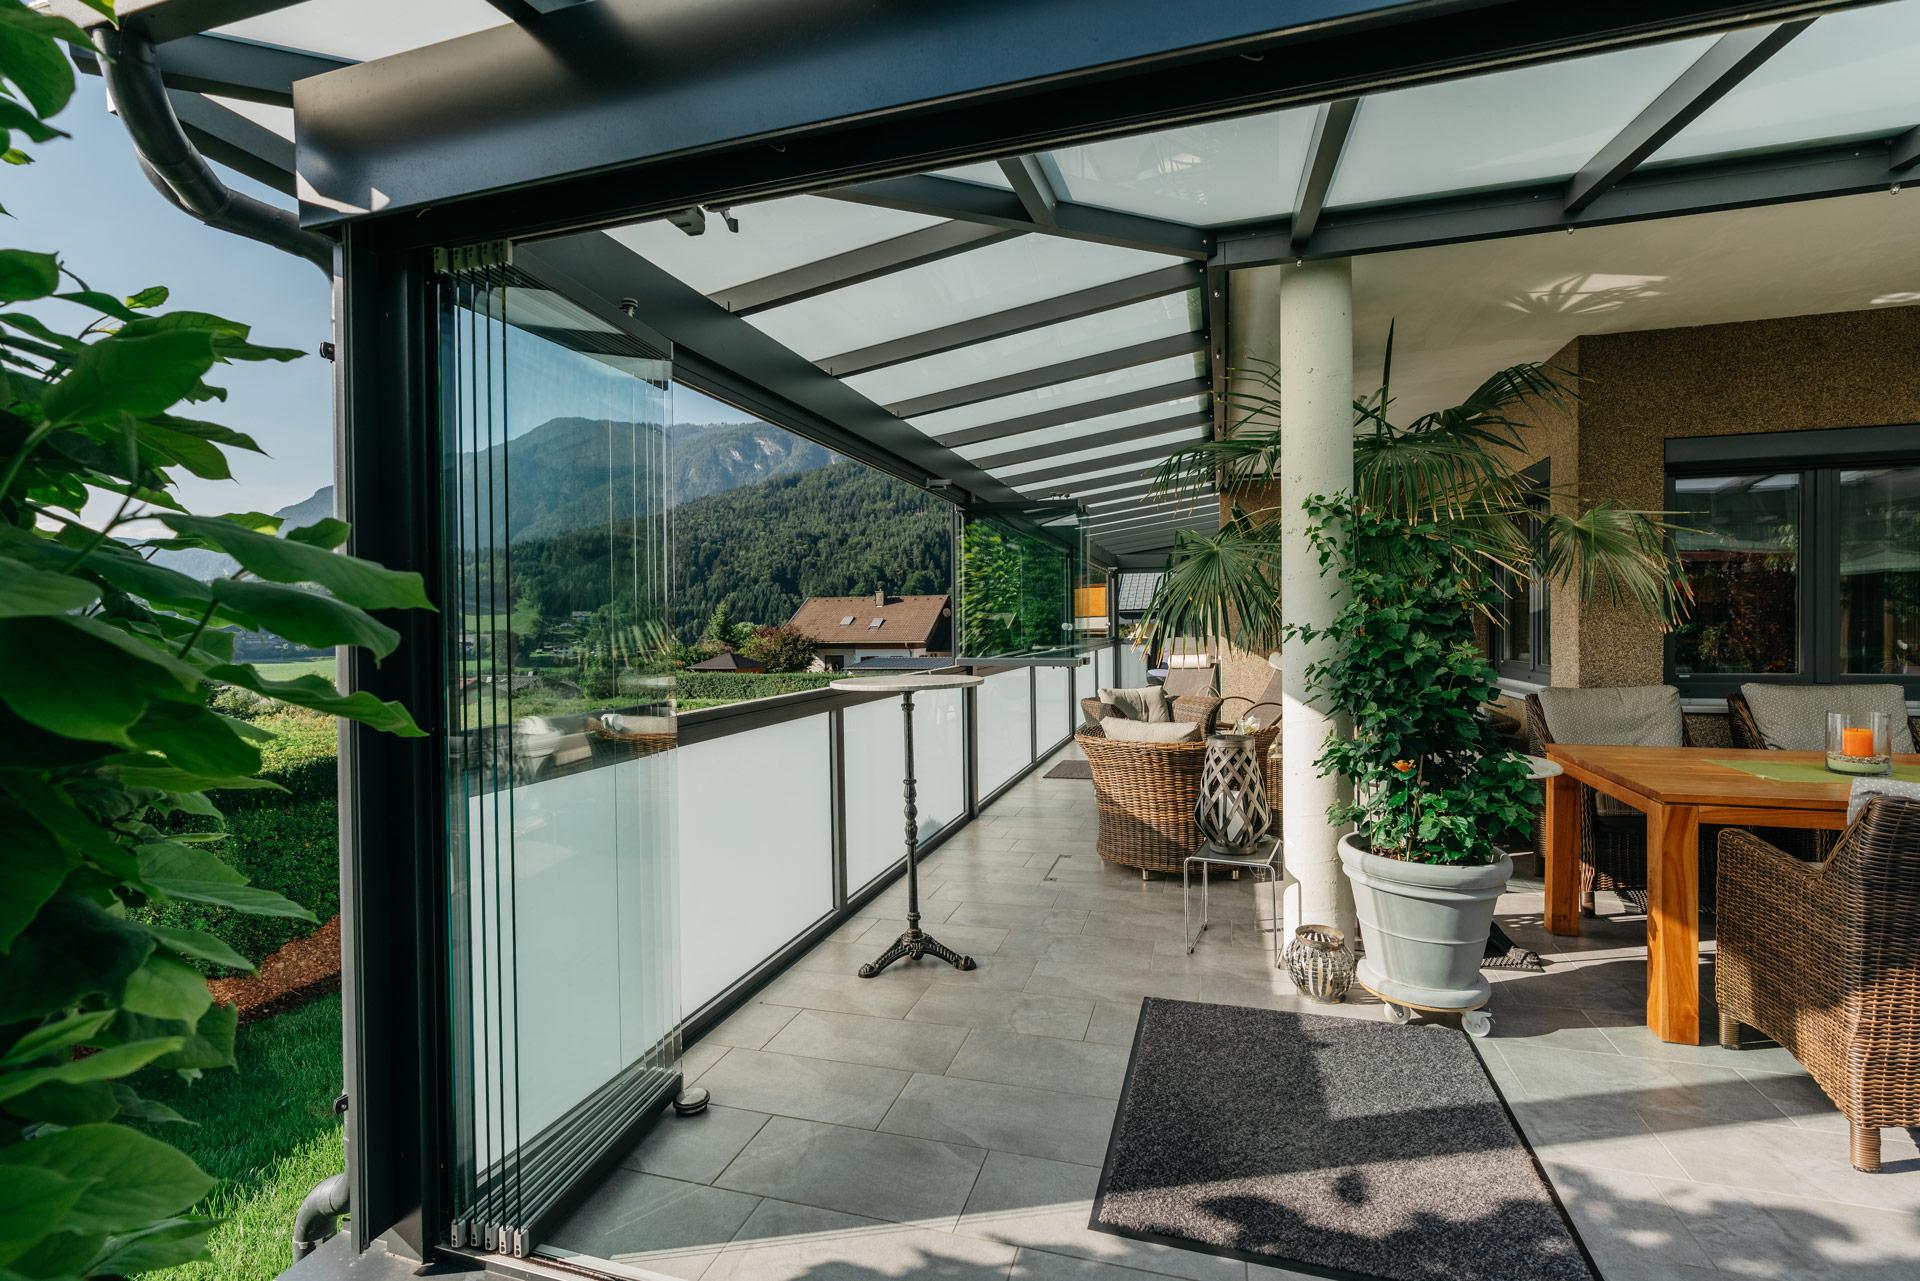 Schiebe-Dreh 14 g   Verglasung bei Sommergarten-Überdachung auf Terrasse geöffnet   Svoboda